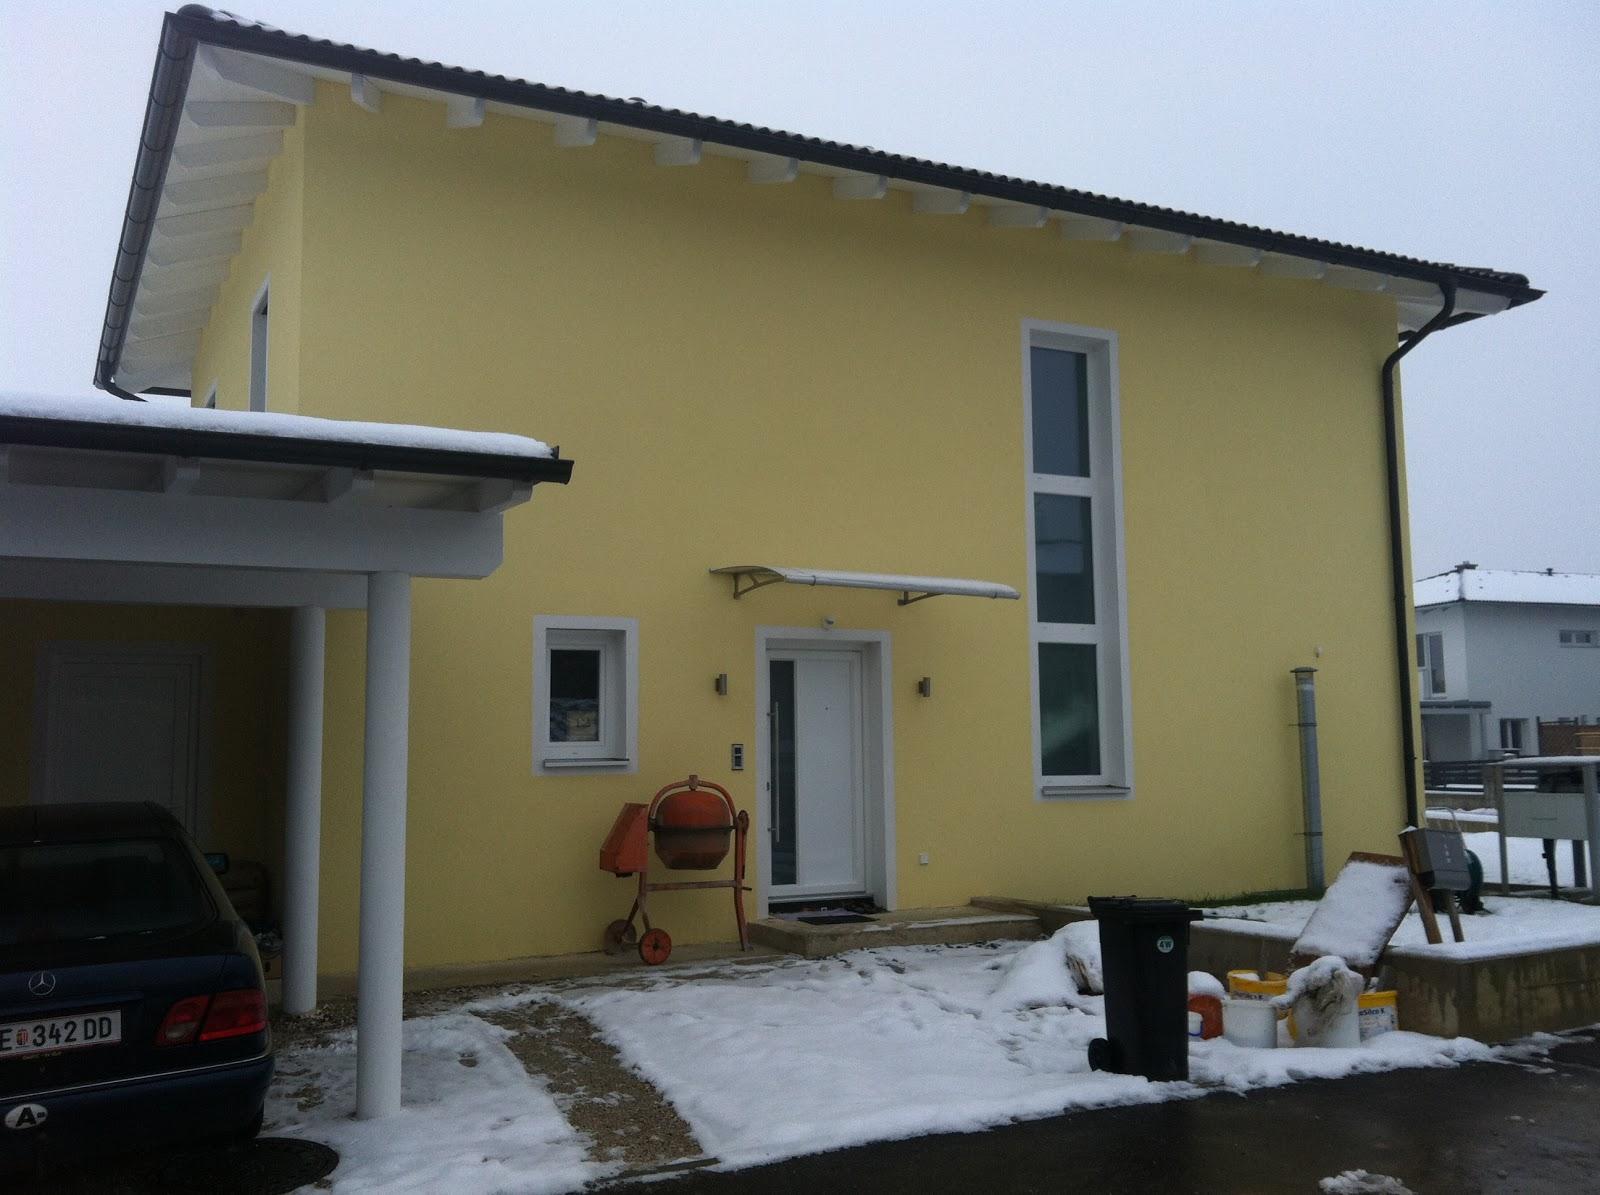 armin sarah bauen ein haus haus im schnee. Black Bedroom Furniture Sets. Home Design Ideas